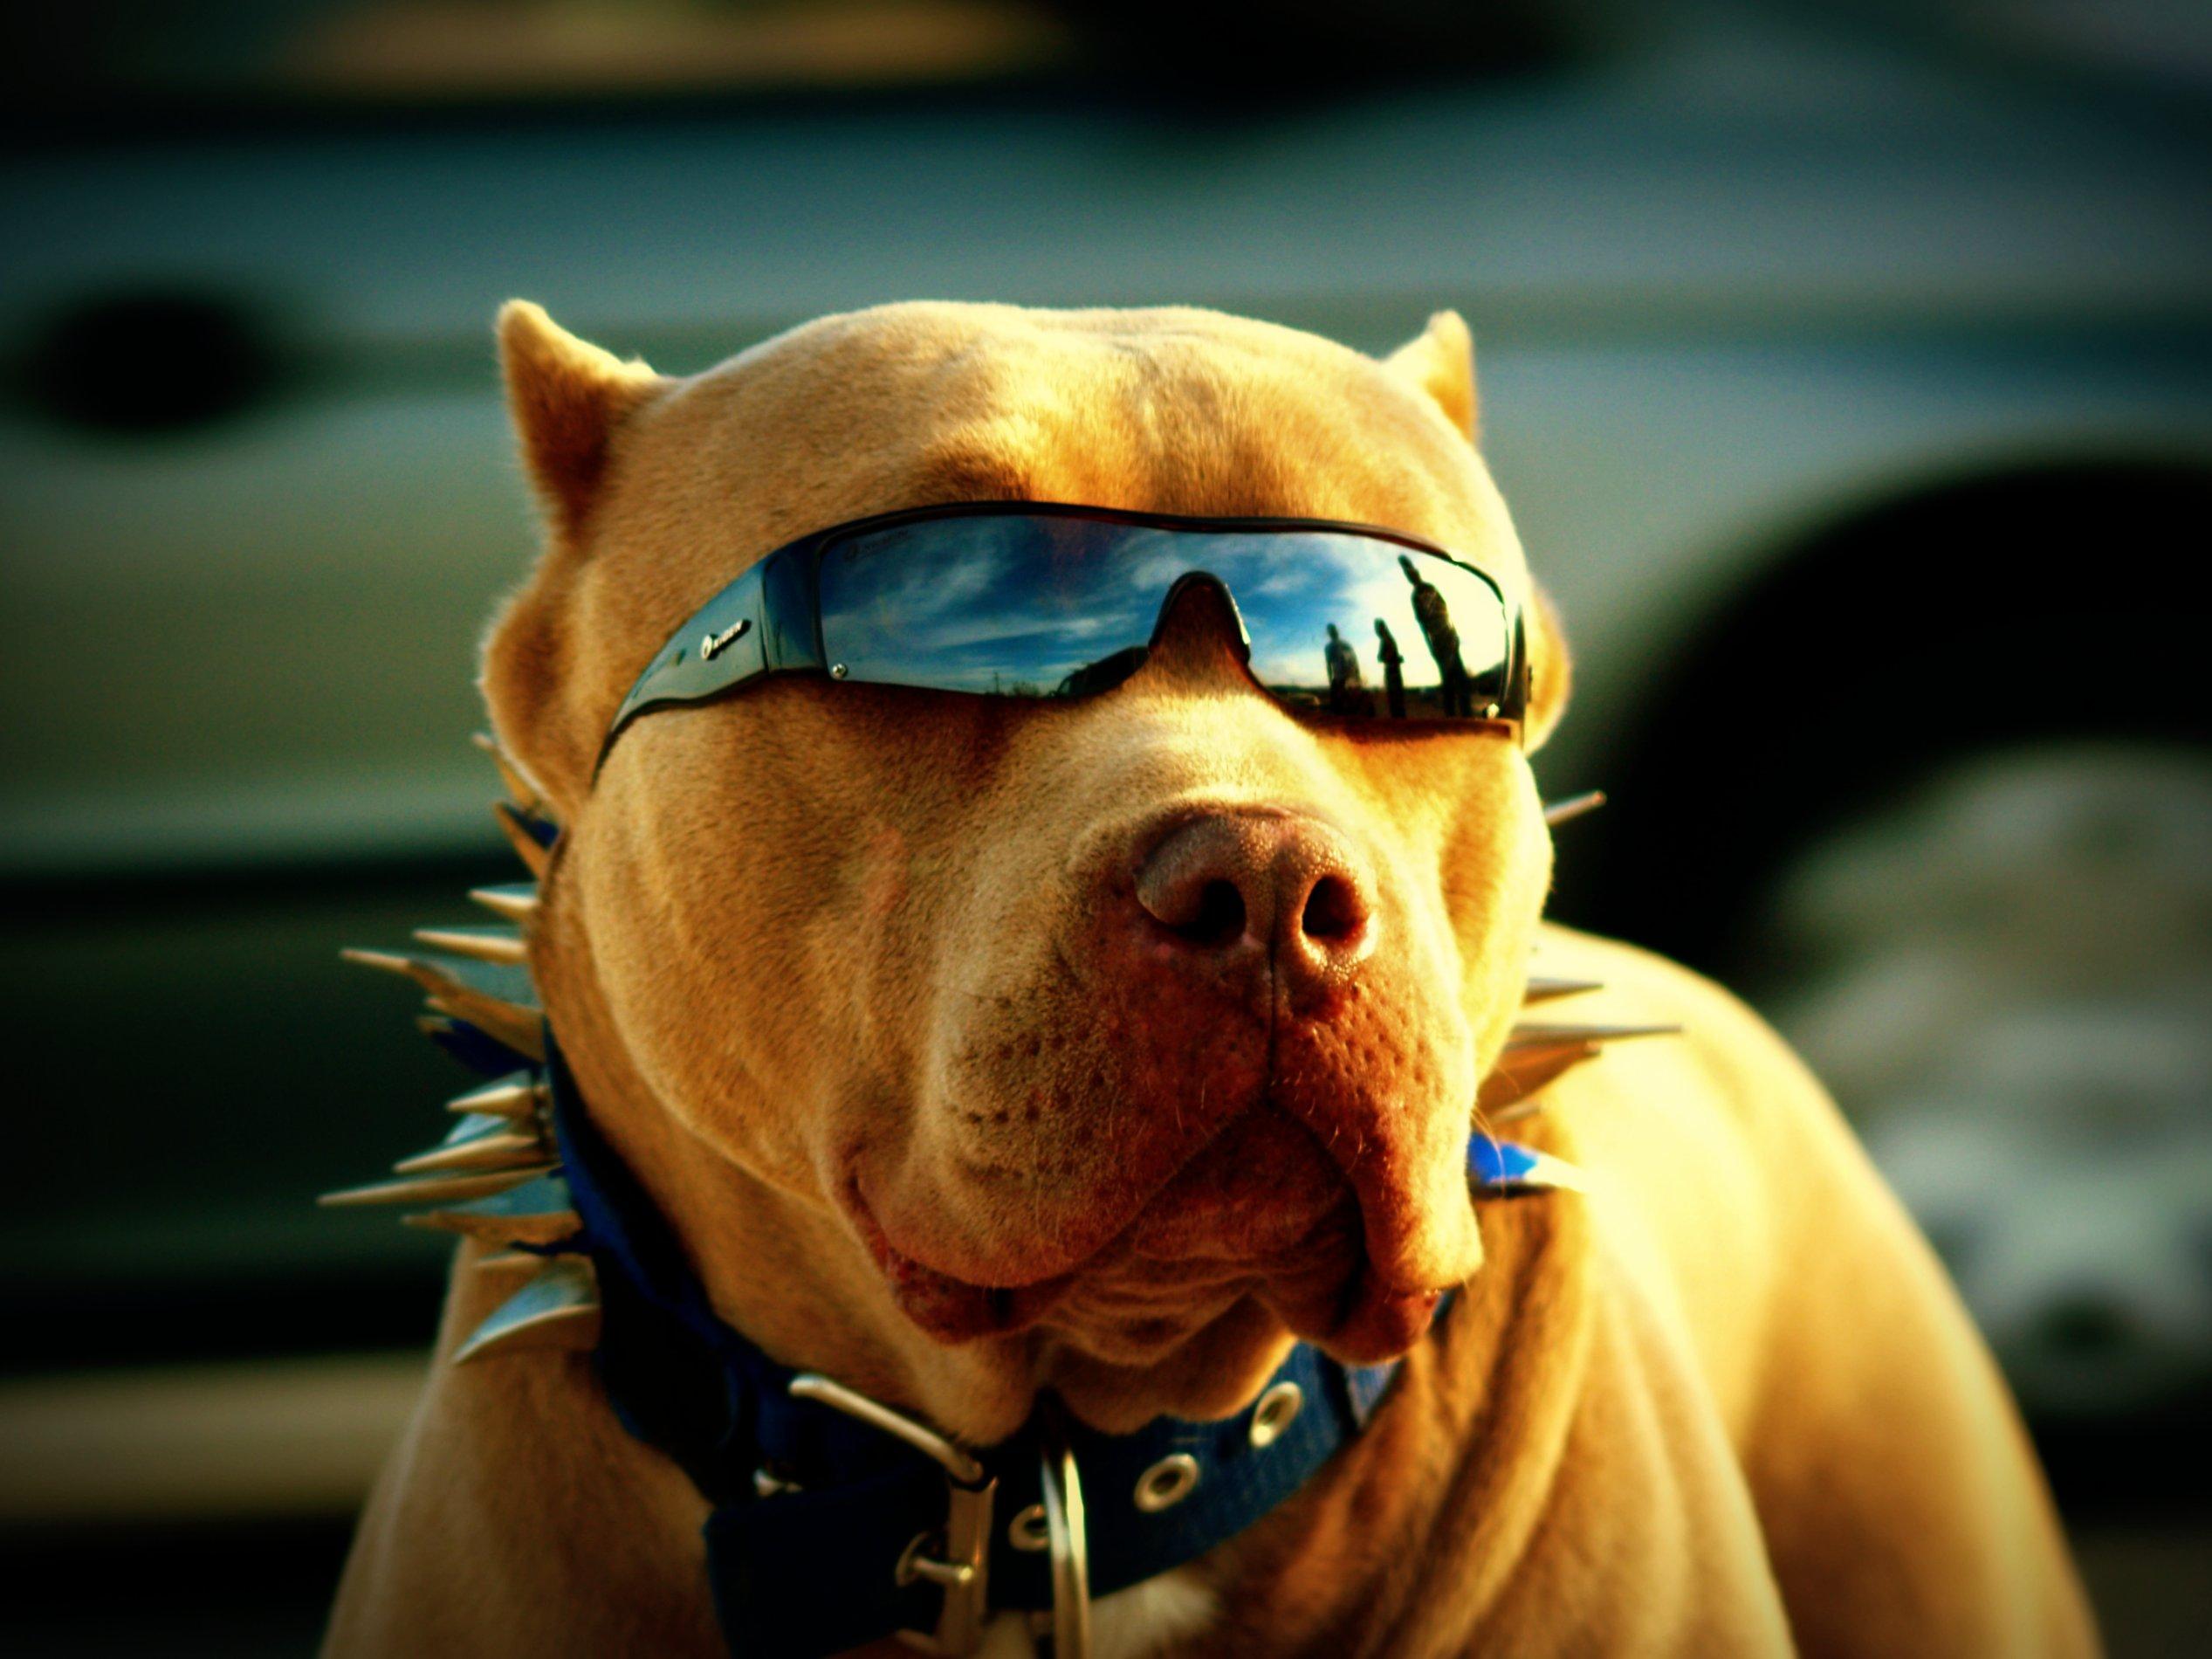 サングラス セレブが愛する ピットブル のブリーダーの子犬販売なら専門犬舎 ノースブリーケンネルズ